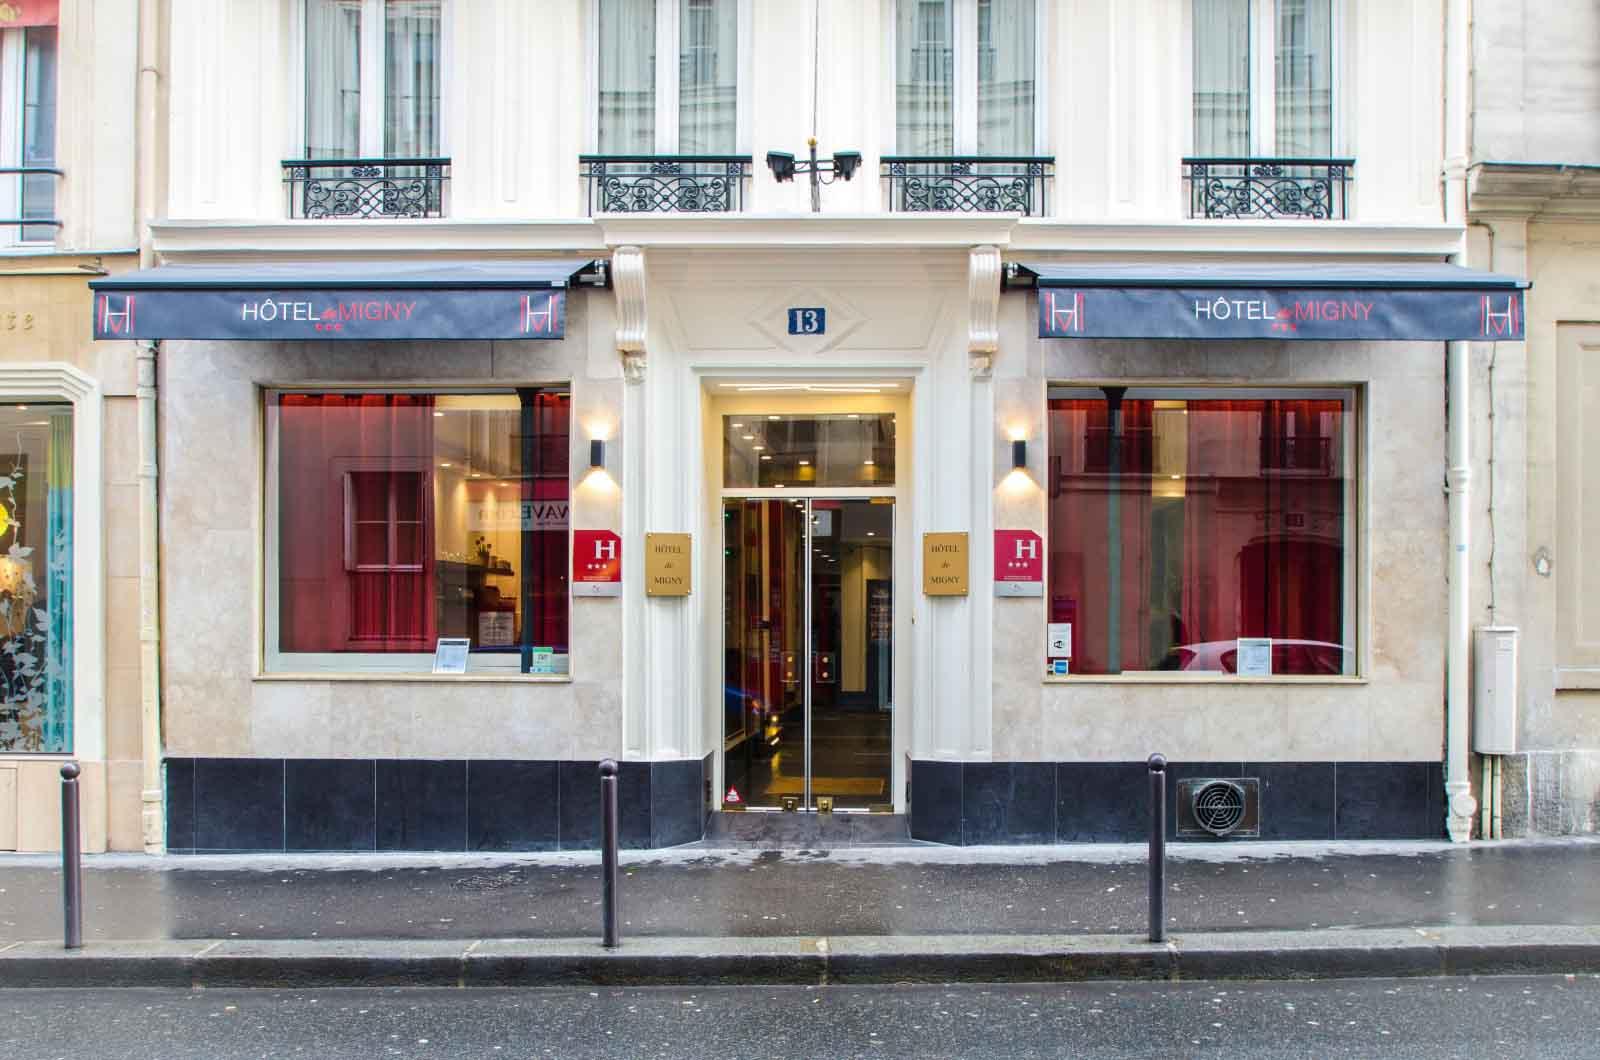 hotel-migny-opera-montmartre-hotel-door